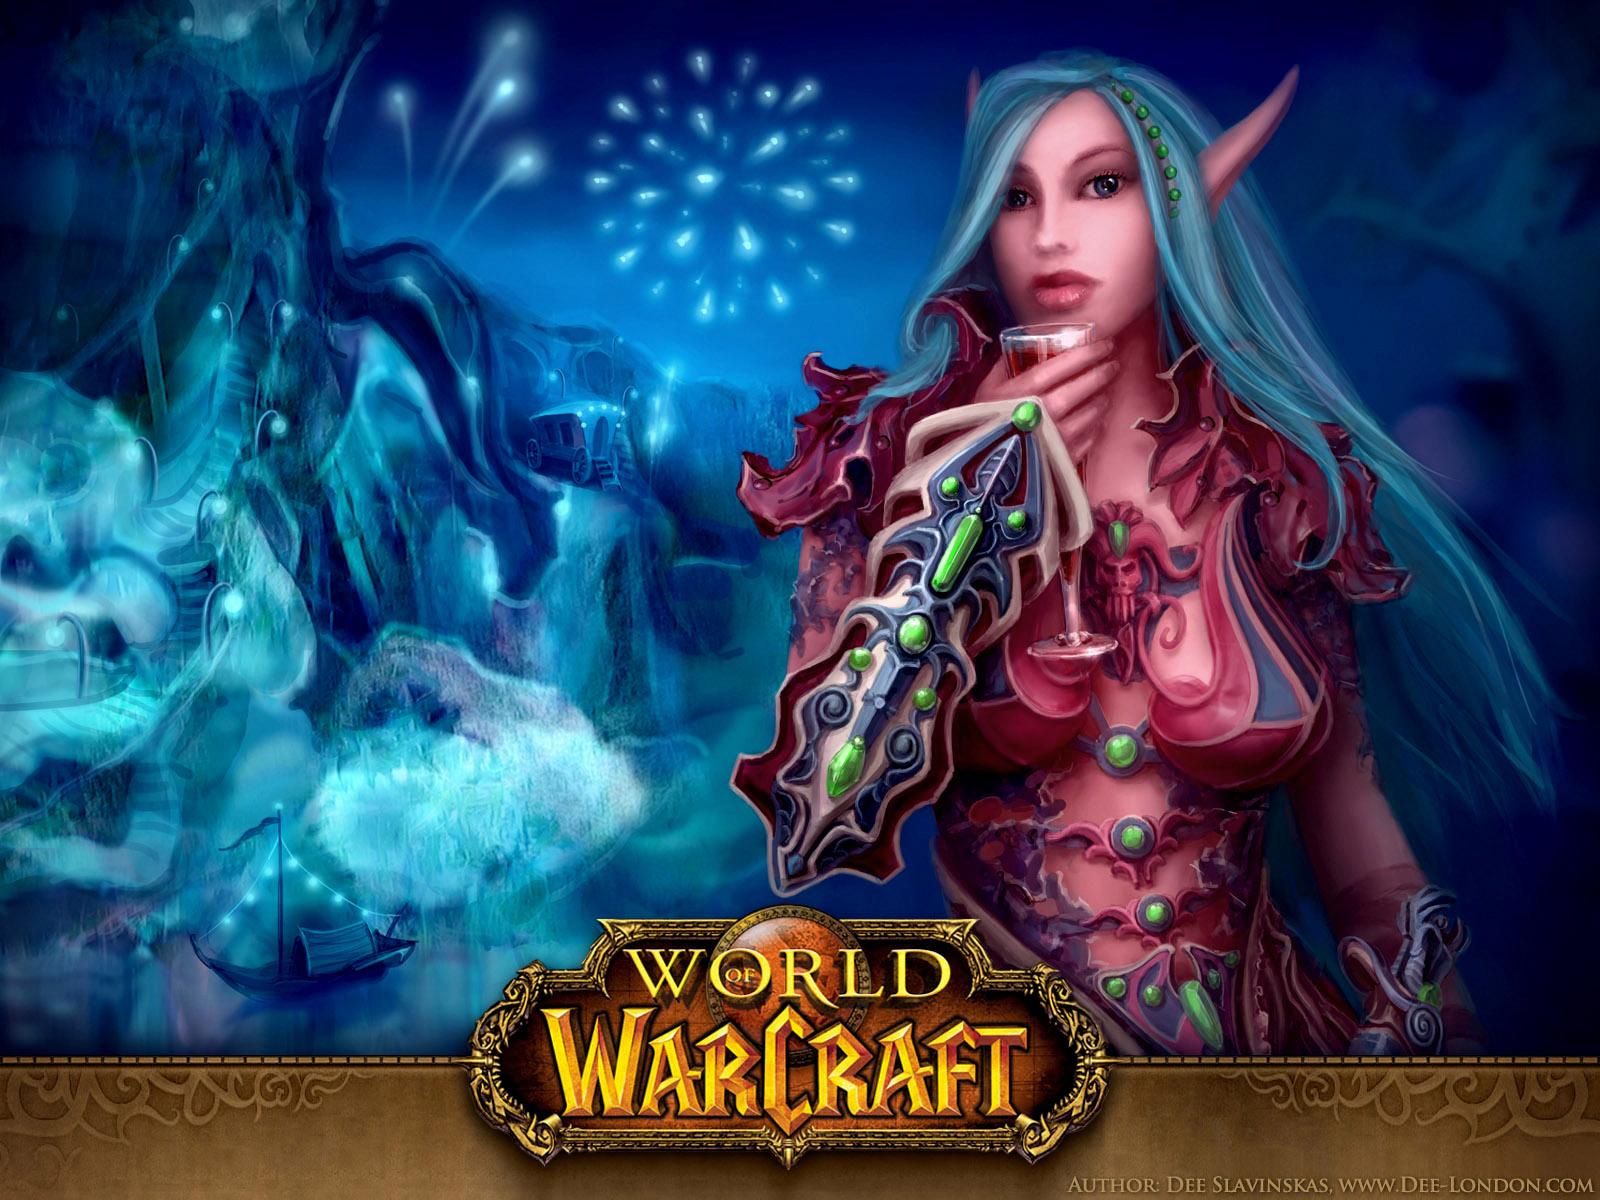 warcraft 3 background